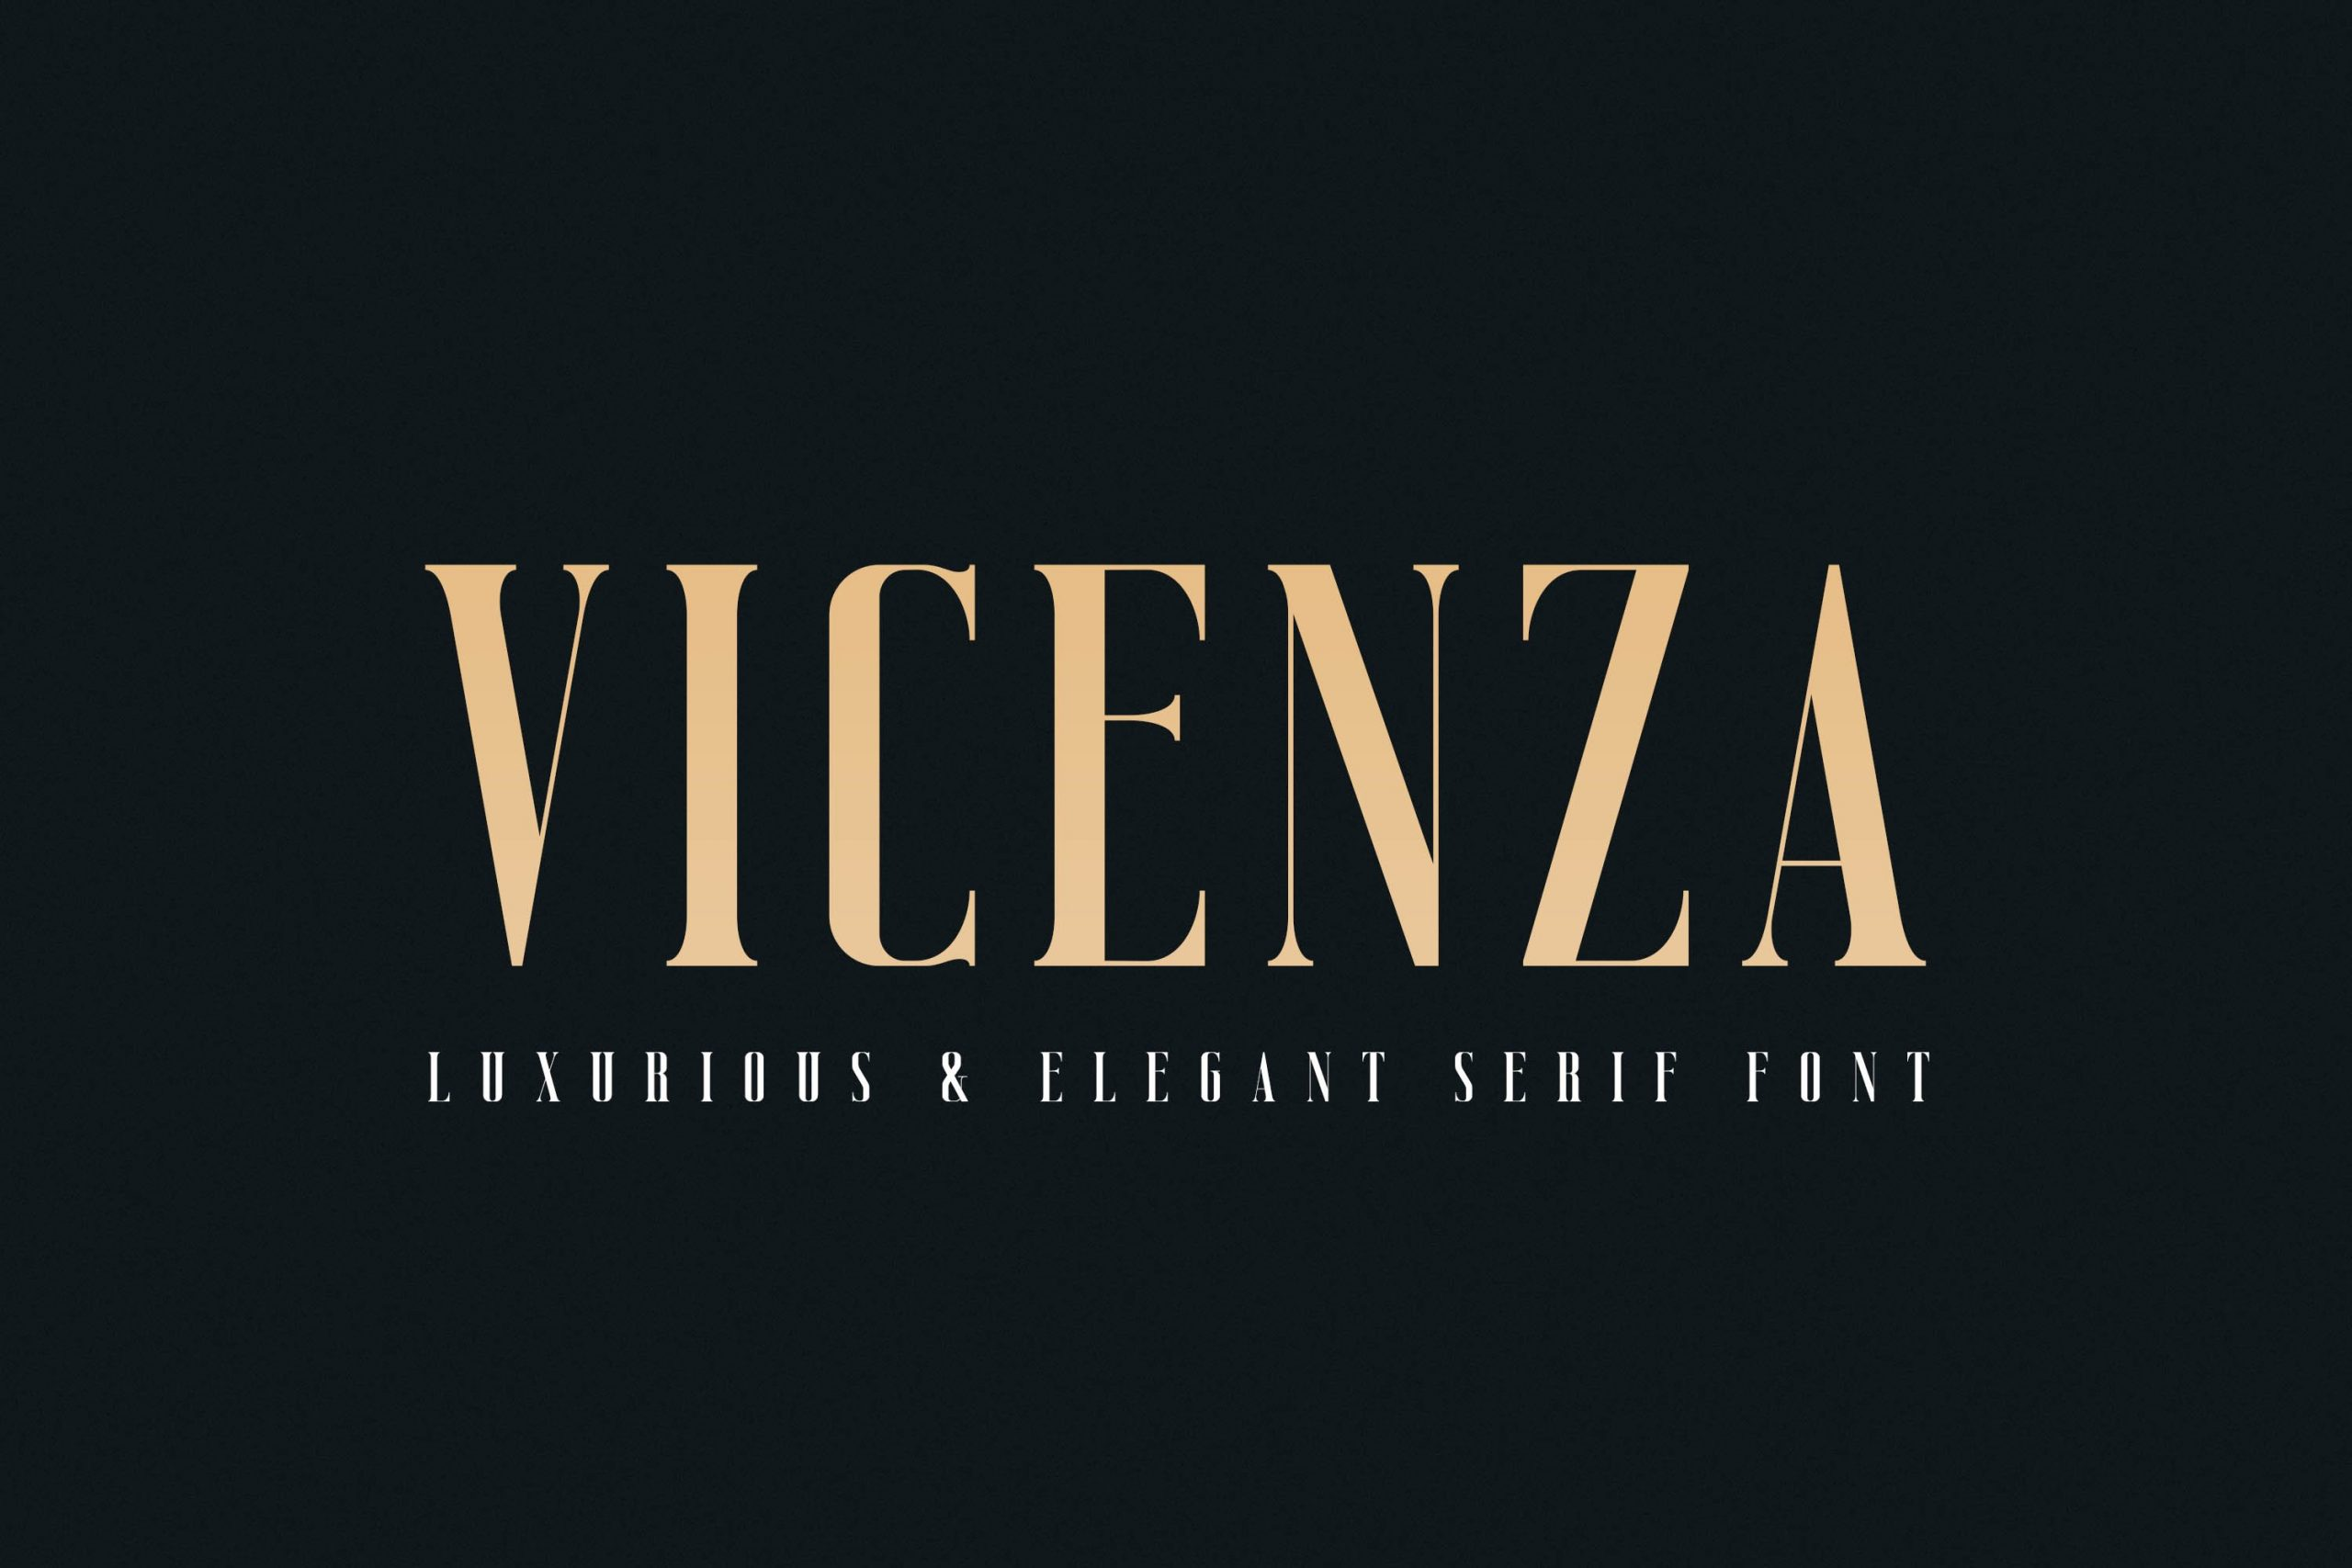 Vicenza Luxury Elegant Seriffont -1